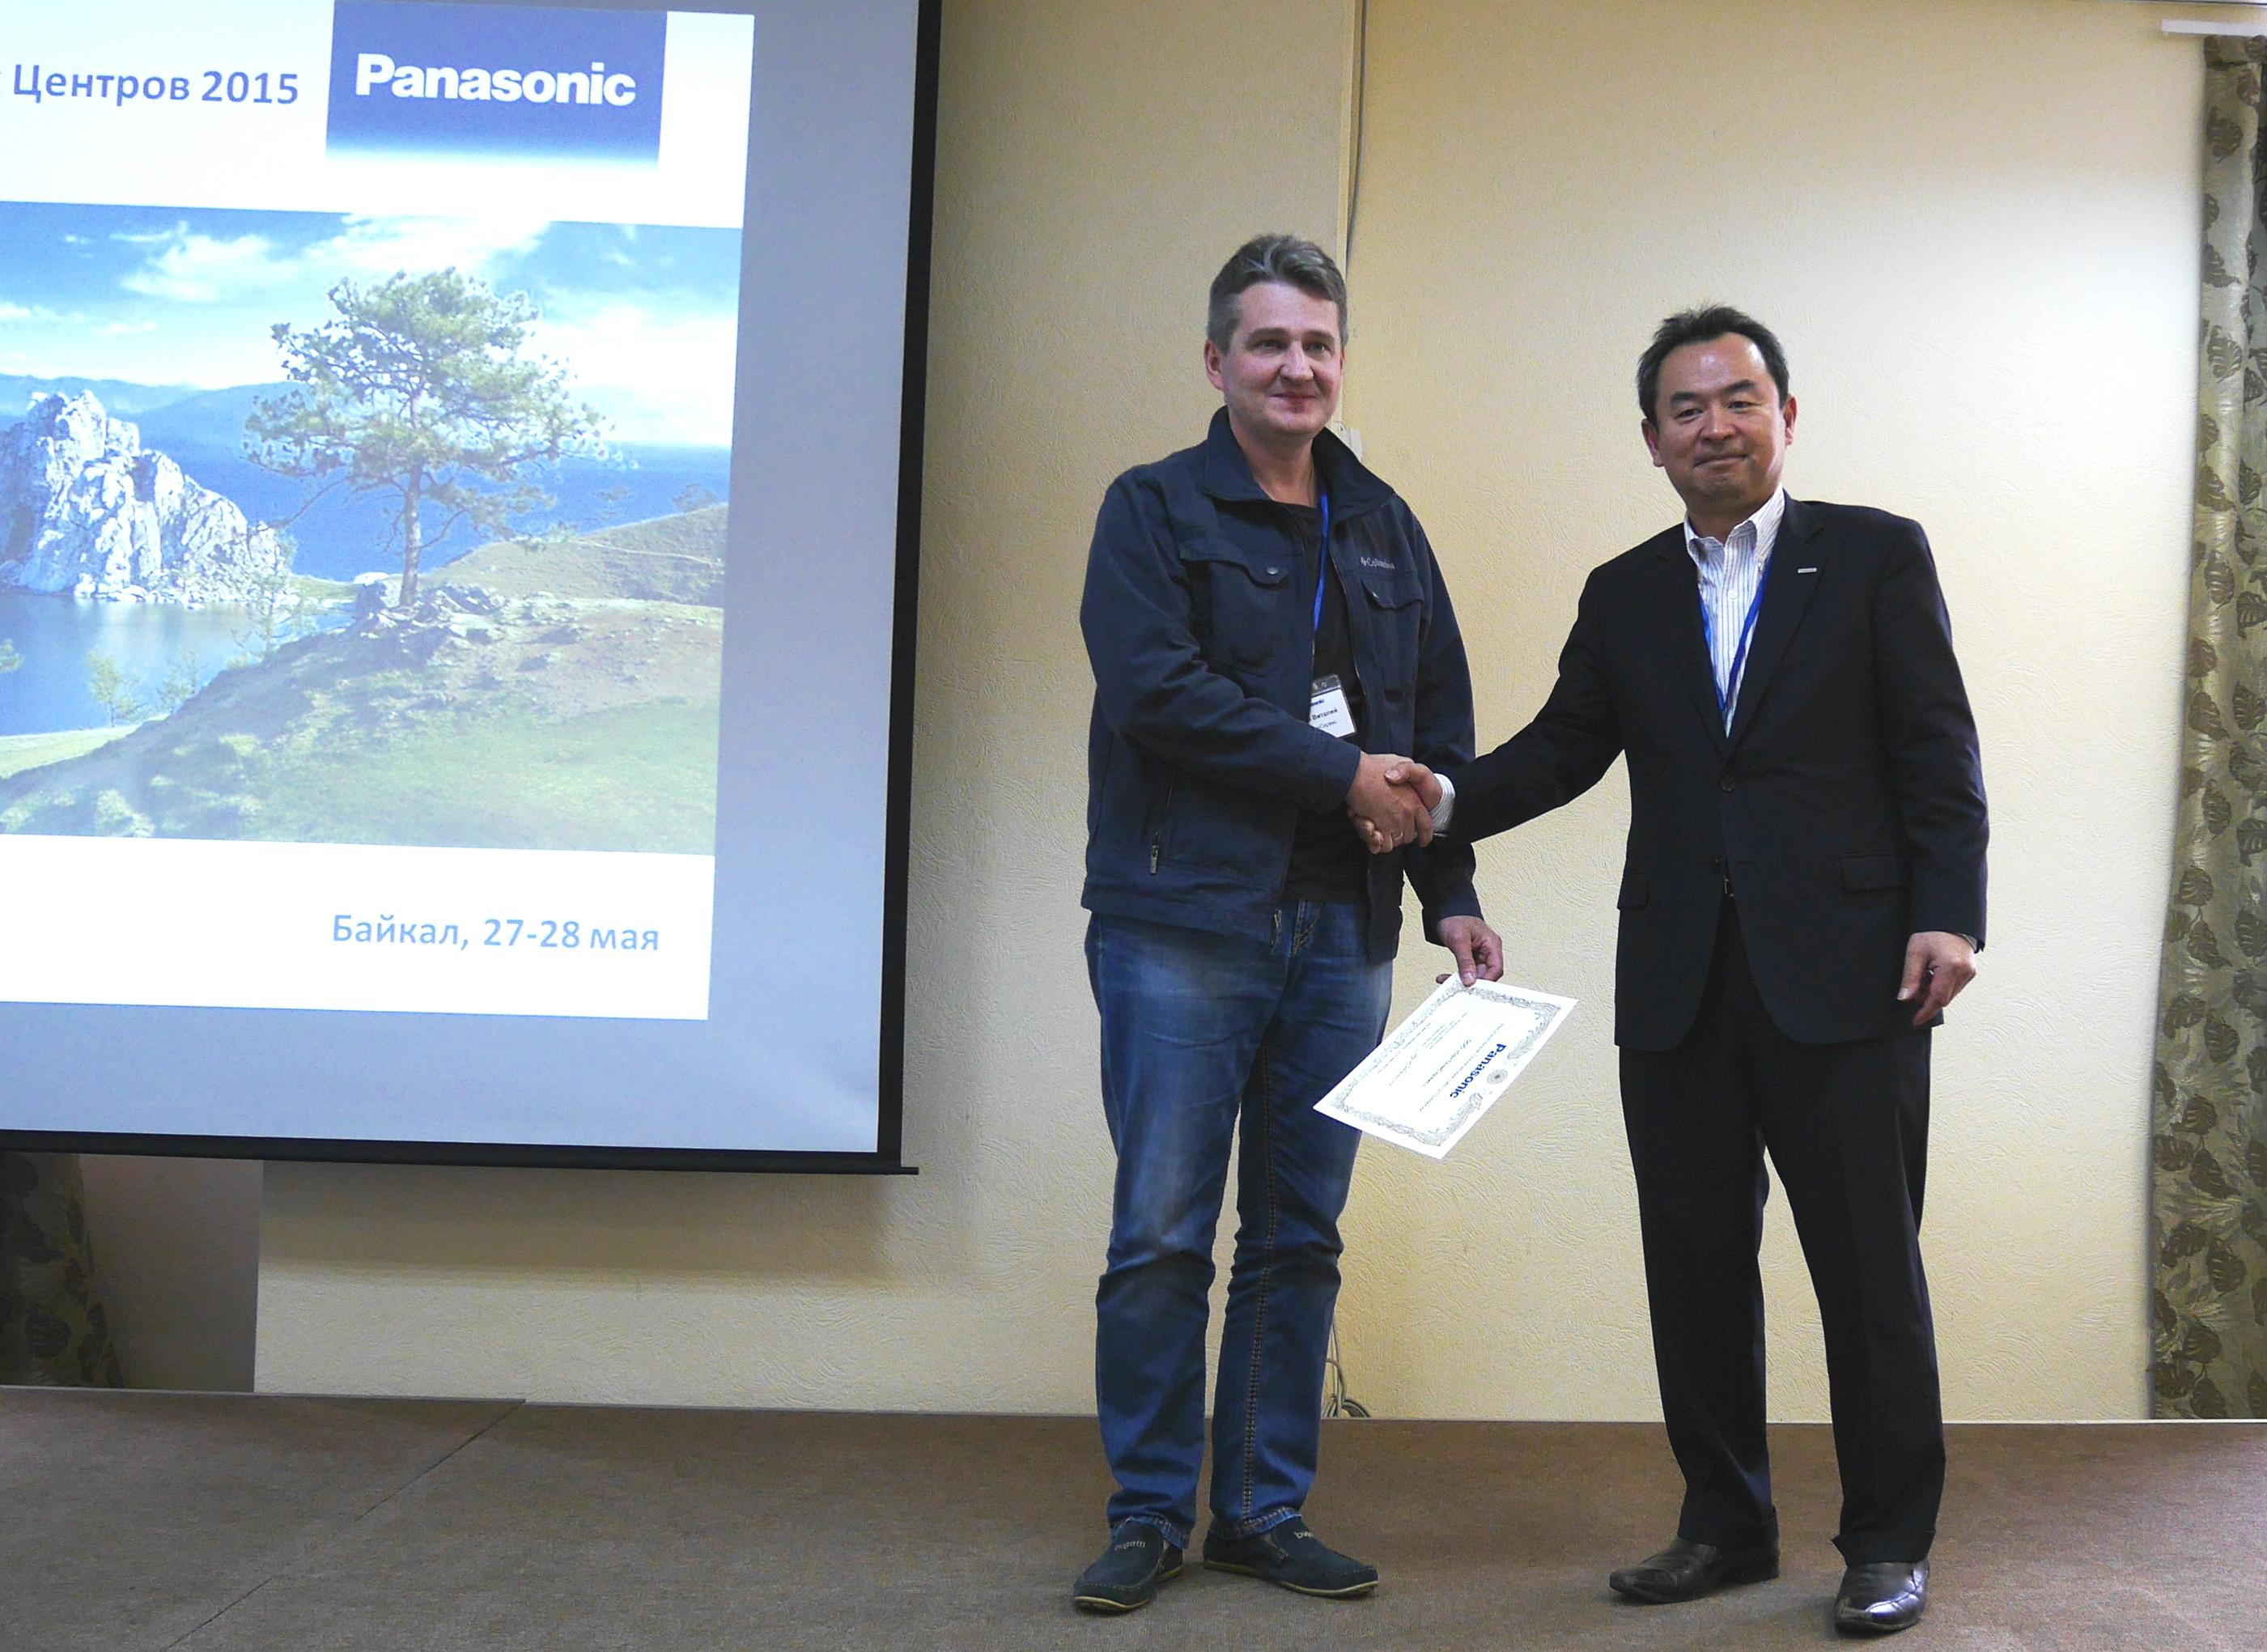 P12207032 Компания Panasonic провела партнерскую конференцию на Байкале